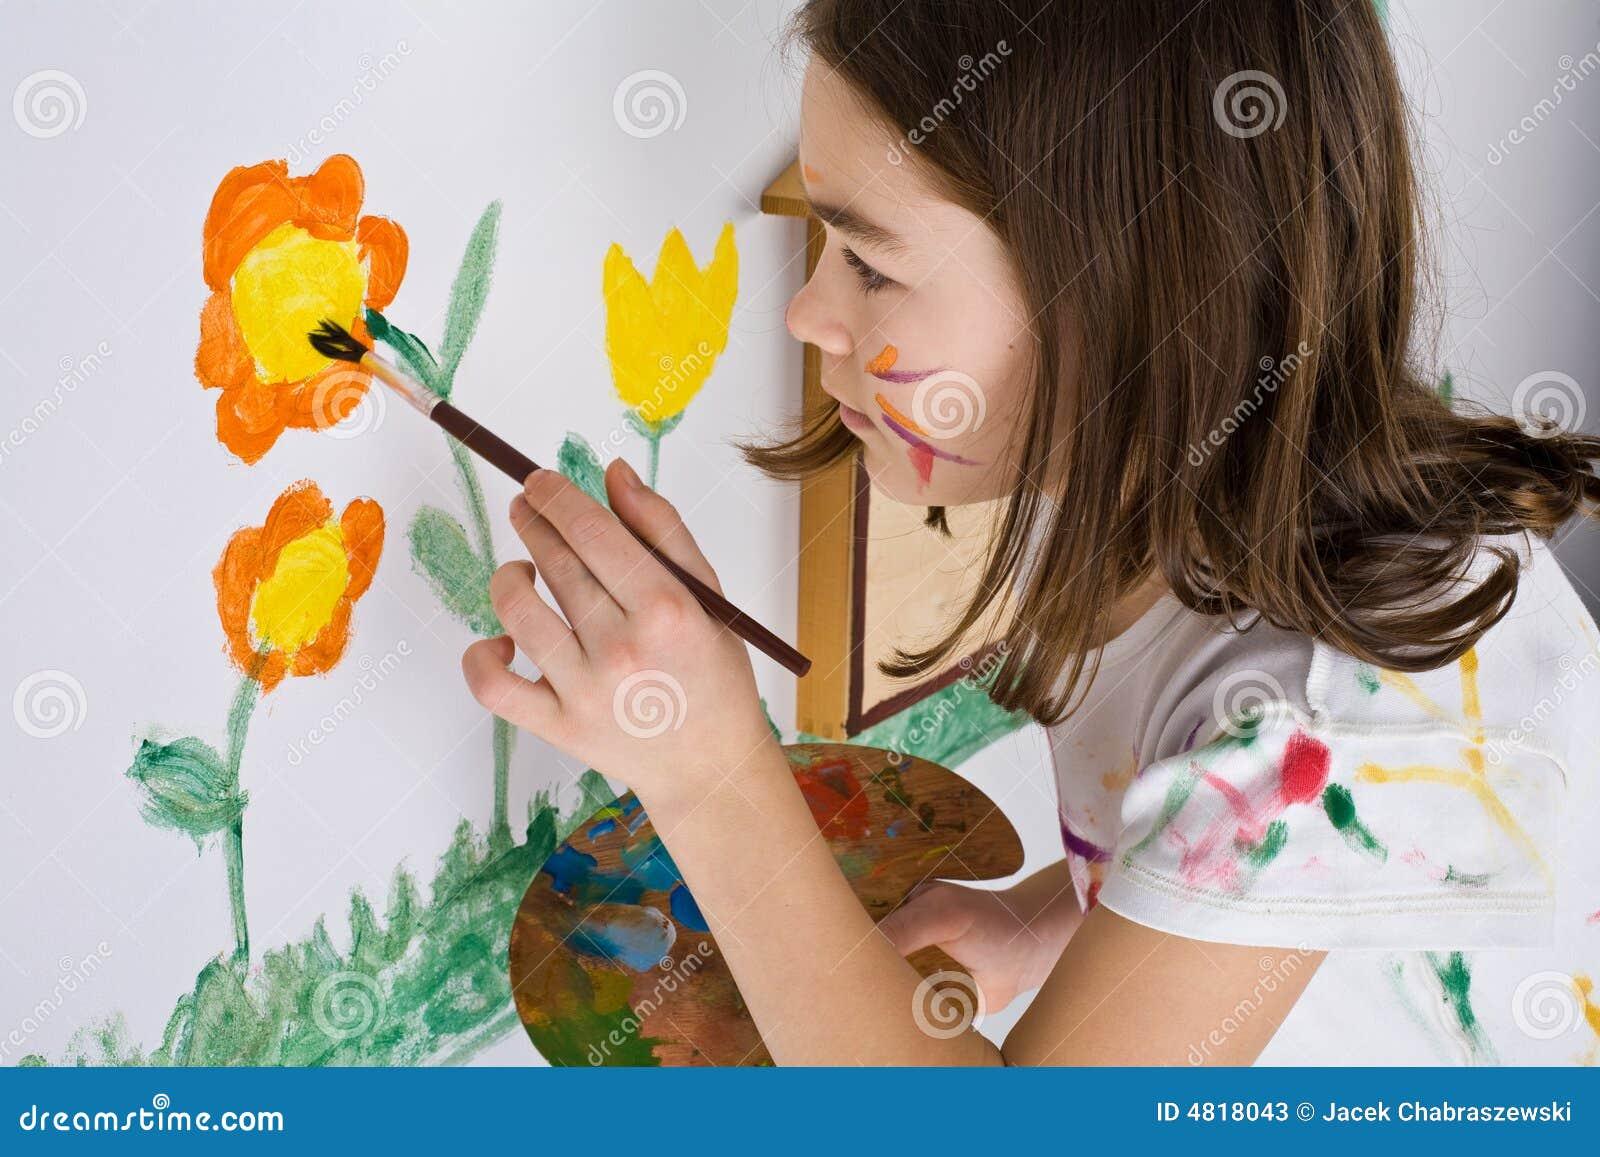 女孩绘画图片